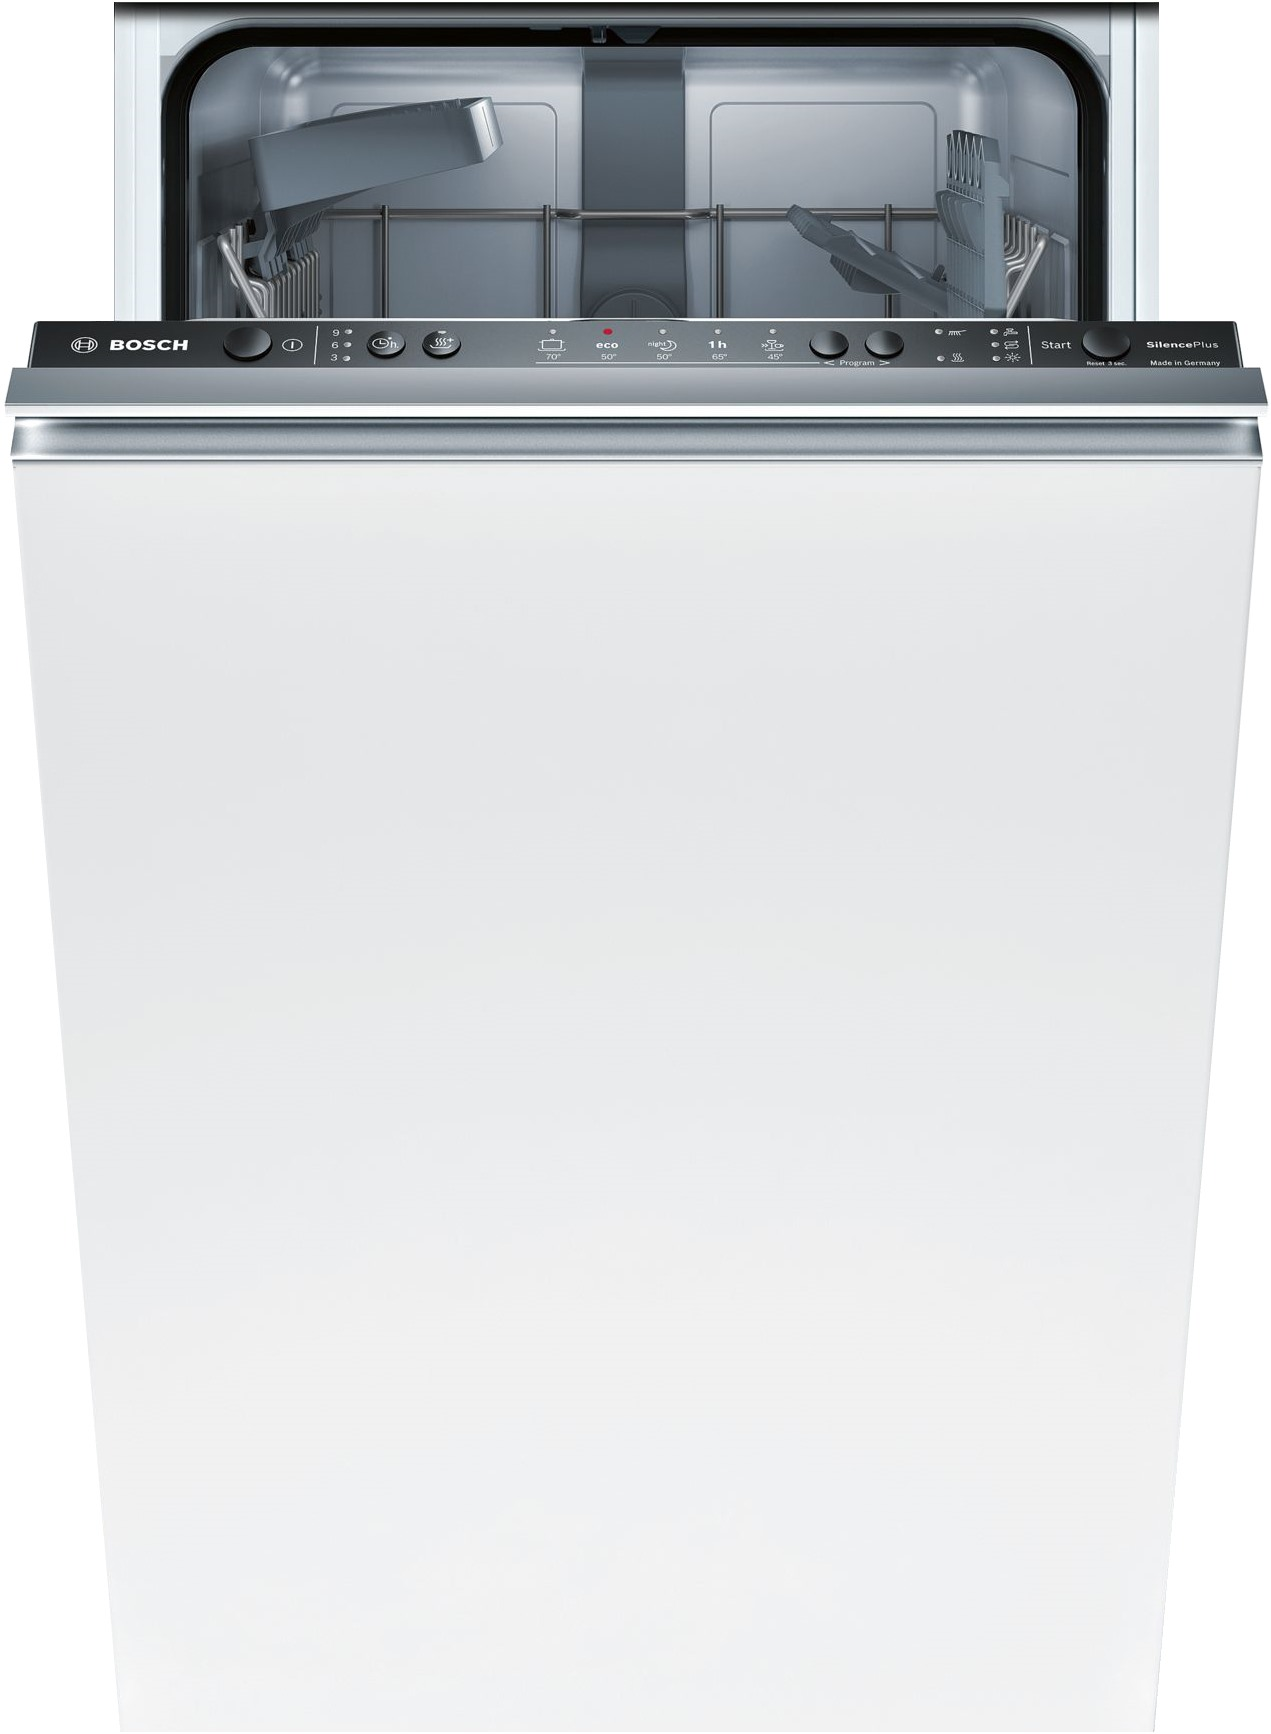 Встраиваемая посудомоечная машина Bosch SPV 25DX90